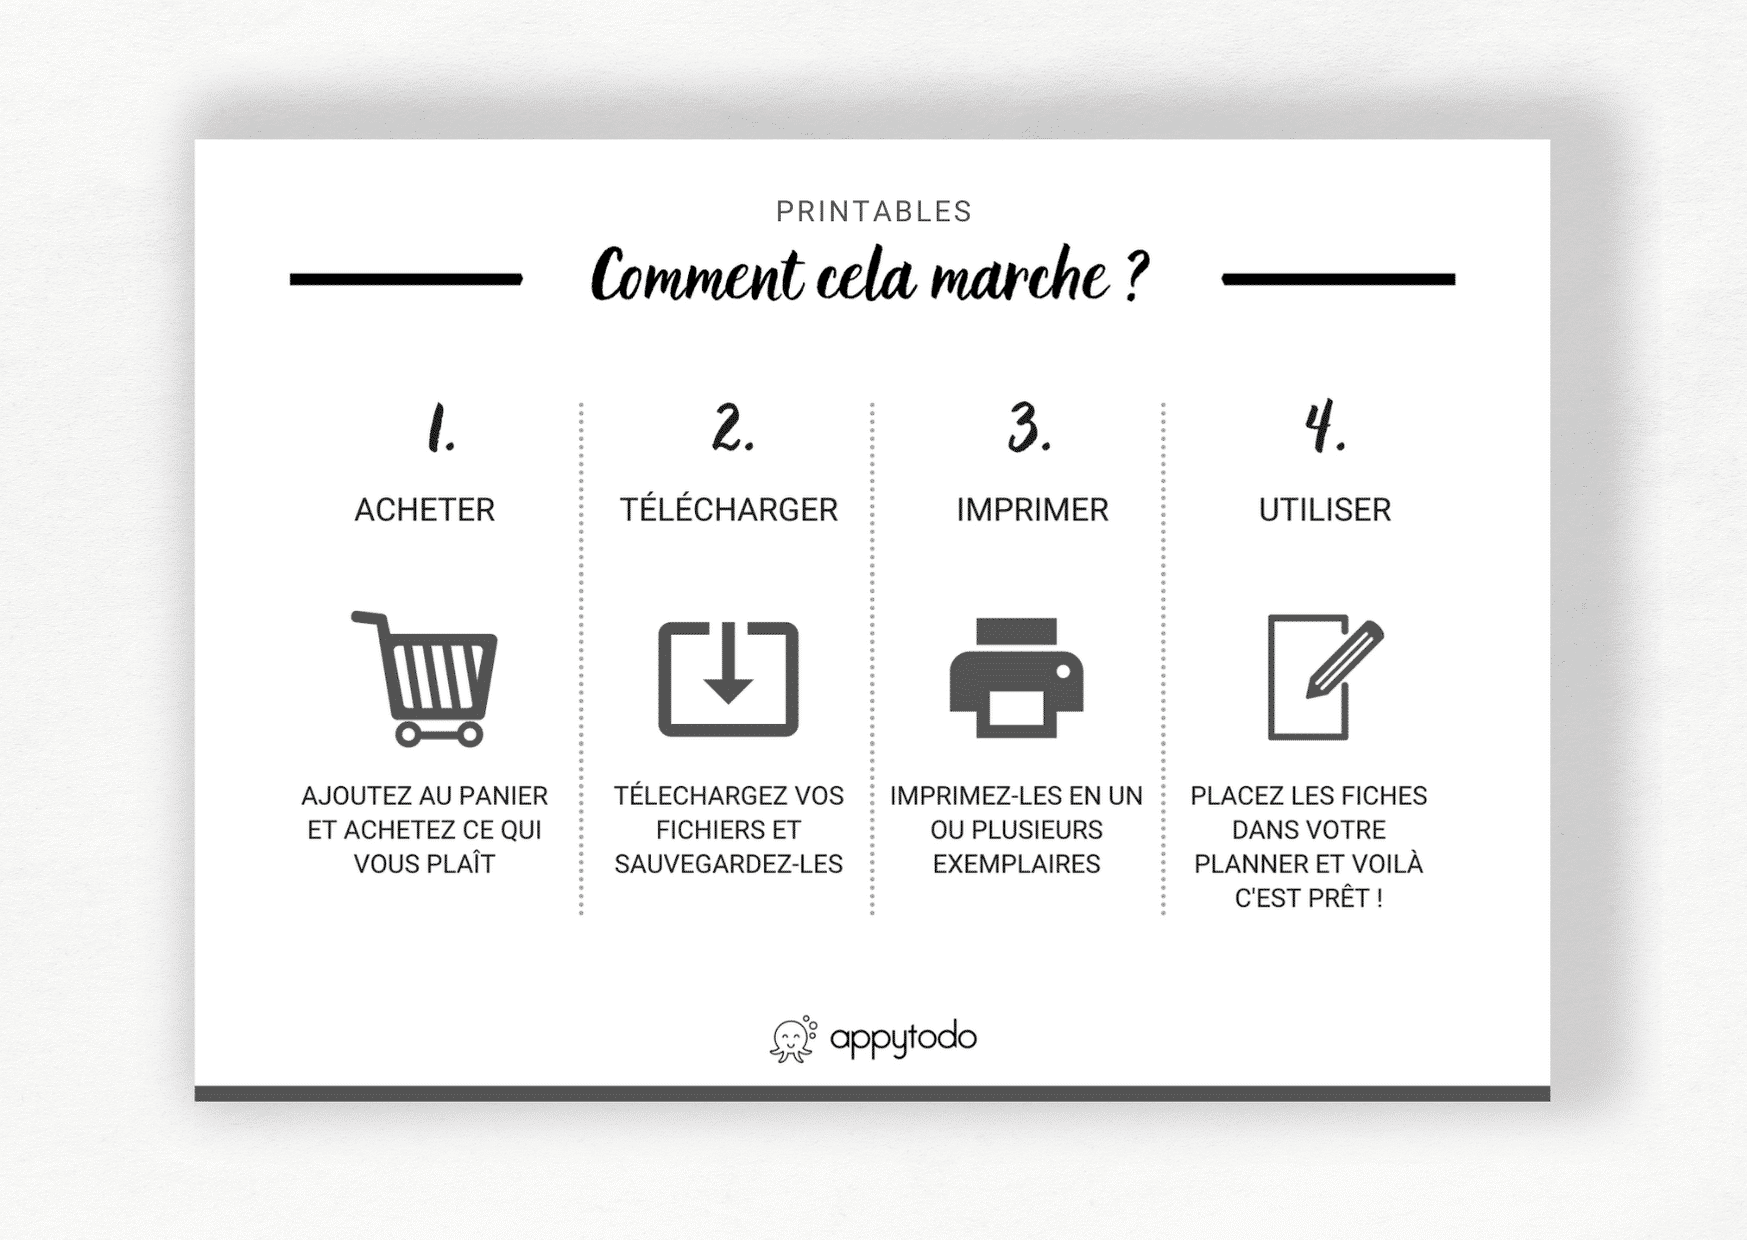 Comment utiliser les printables appytodo en français